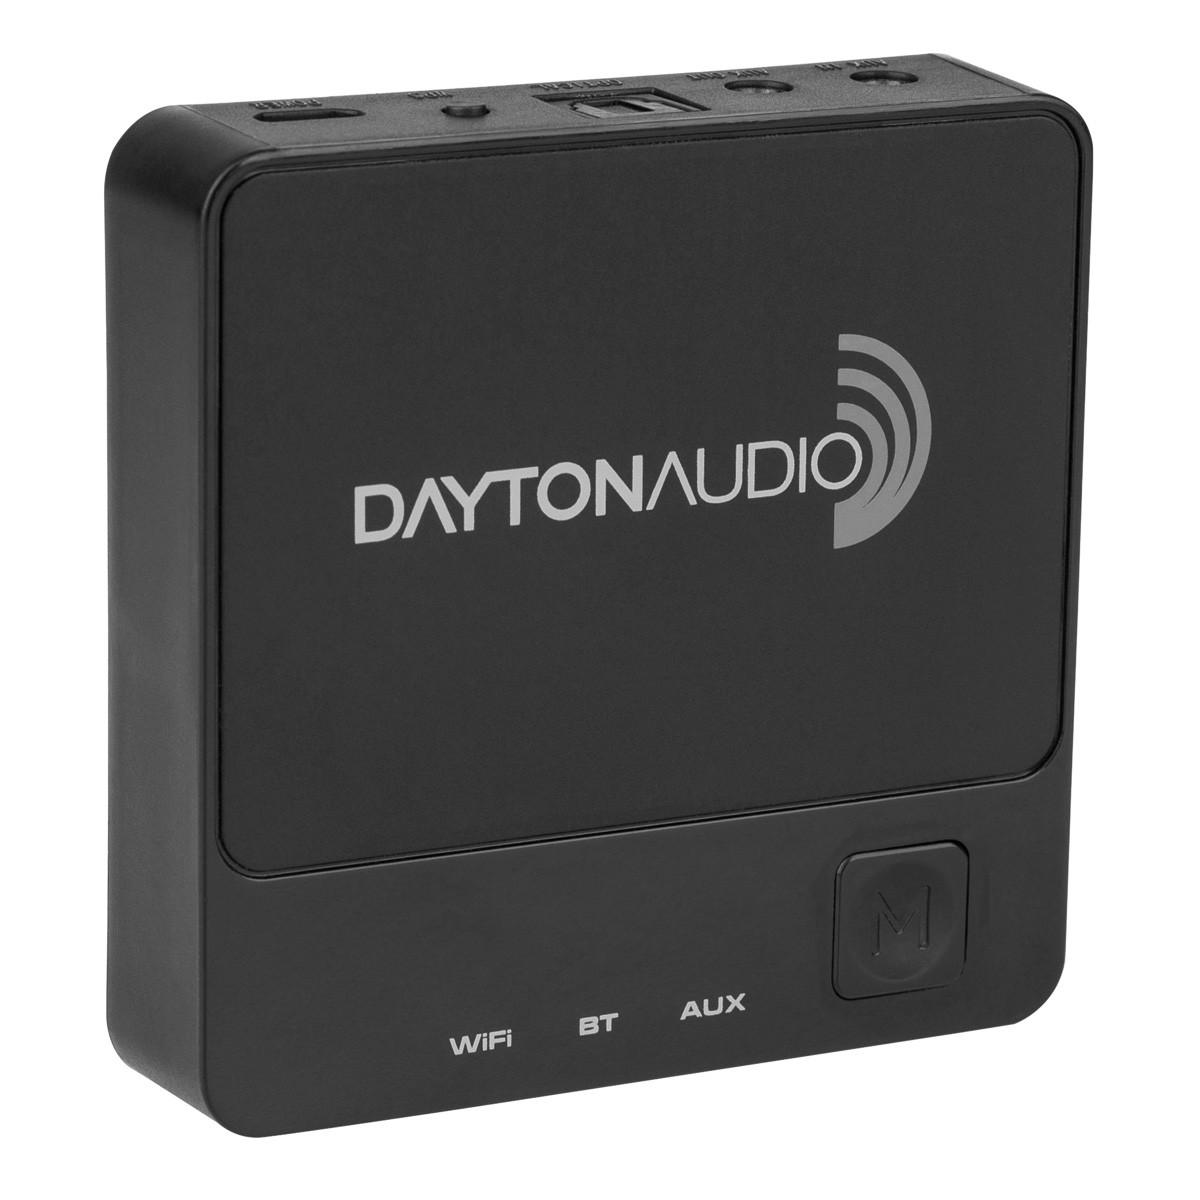 DAYTON AUDIO WBA31 Récepteur WiFi / Bluetooth avec Télécommande